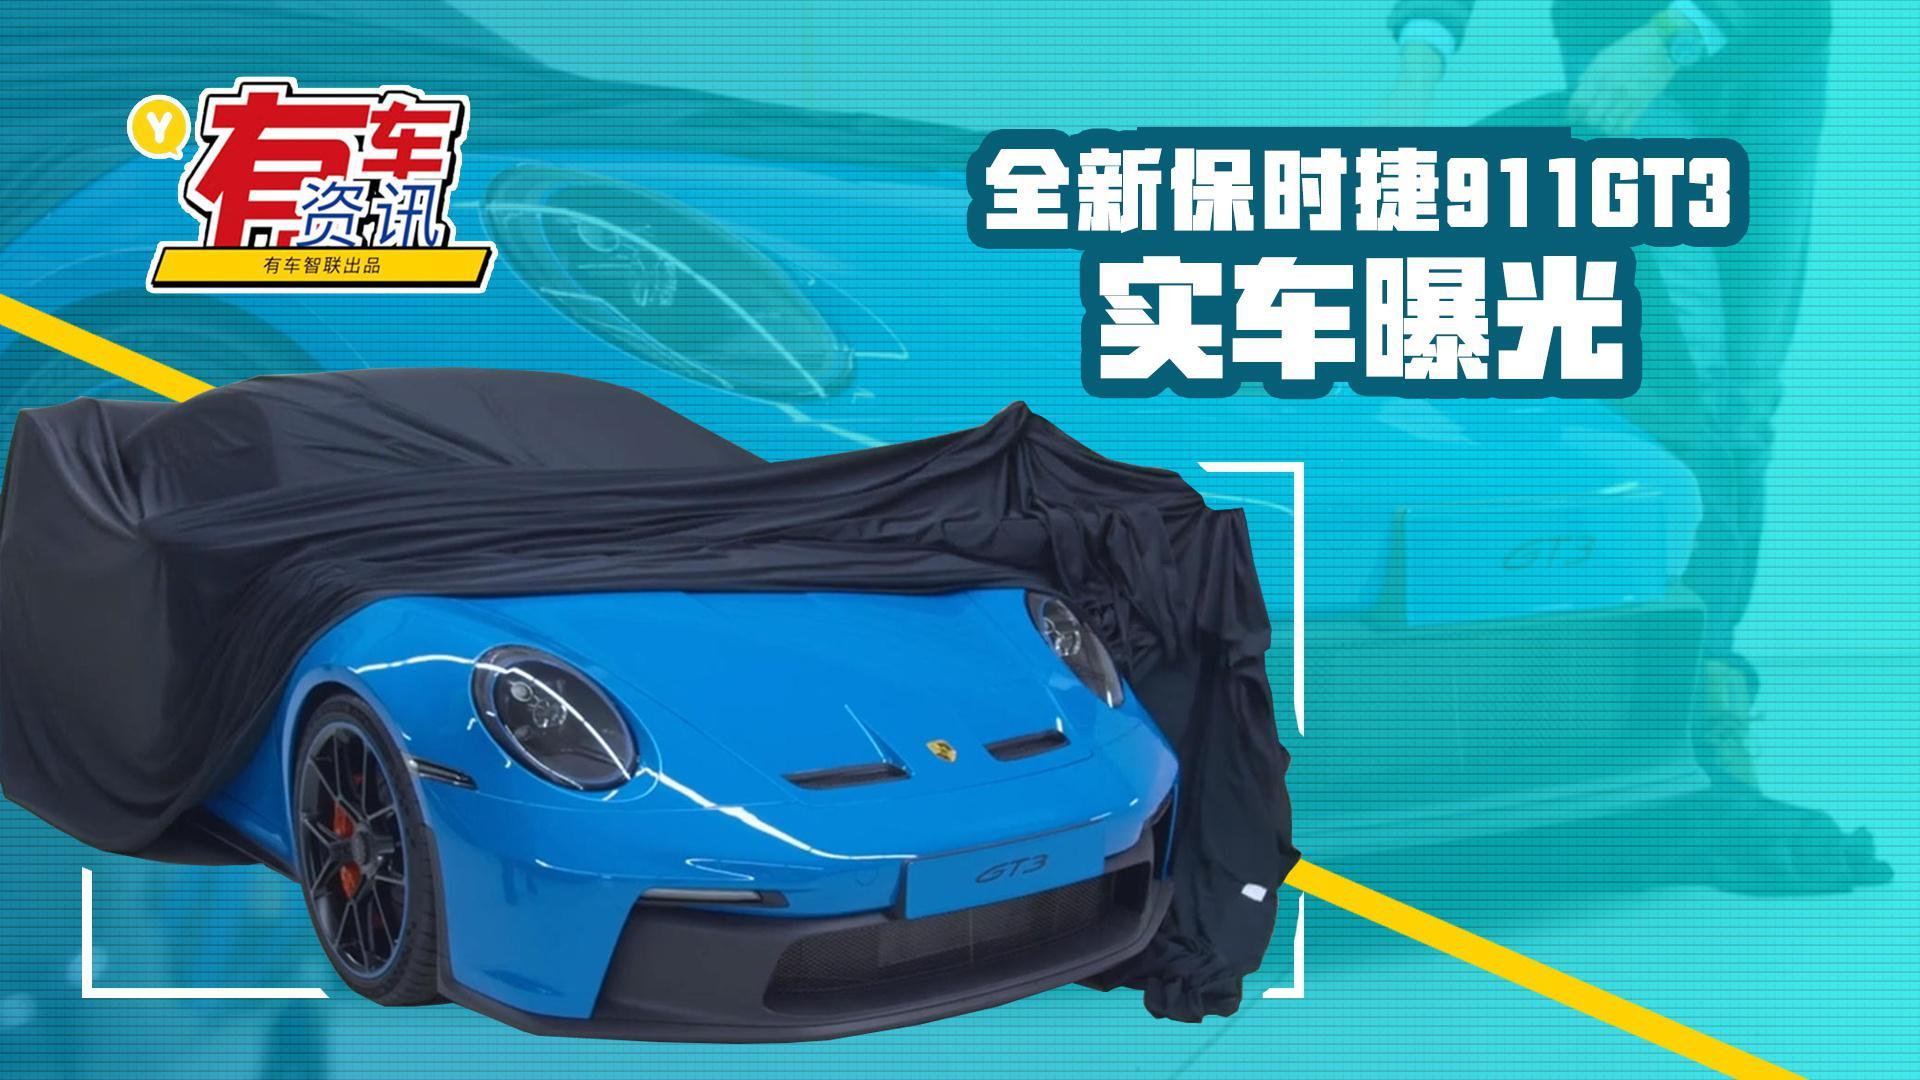 采用全新设计 搭载4.0L发动机 保时捷911GT3实车曝光